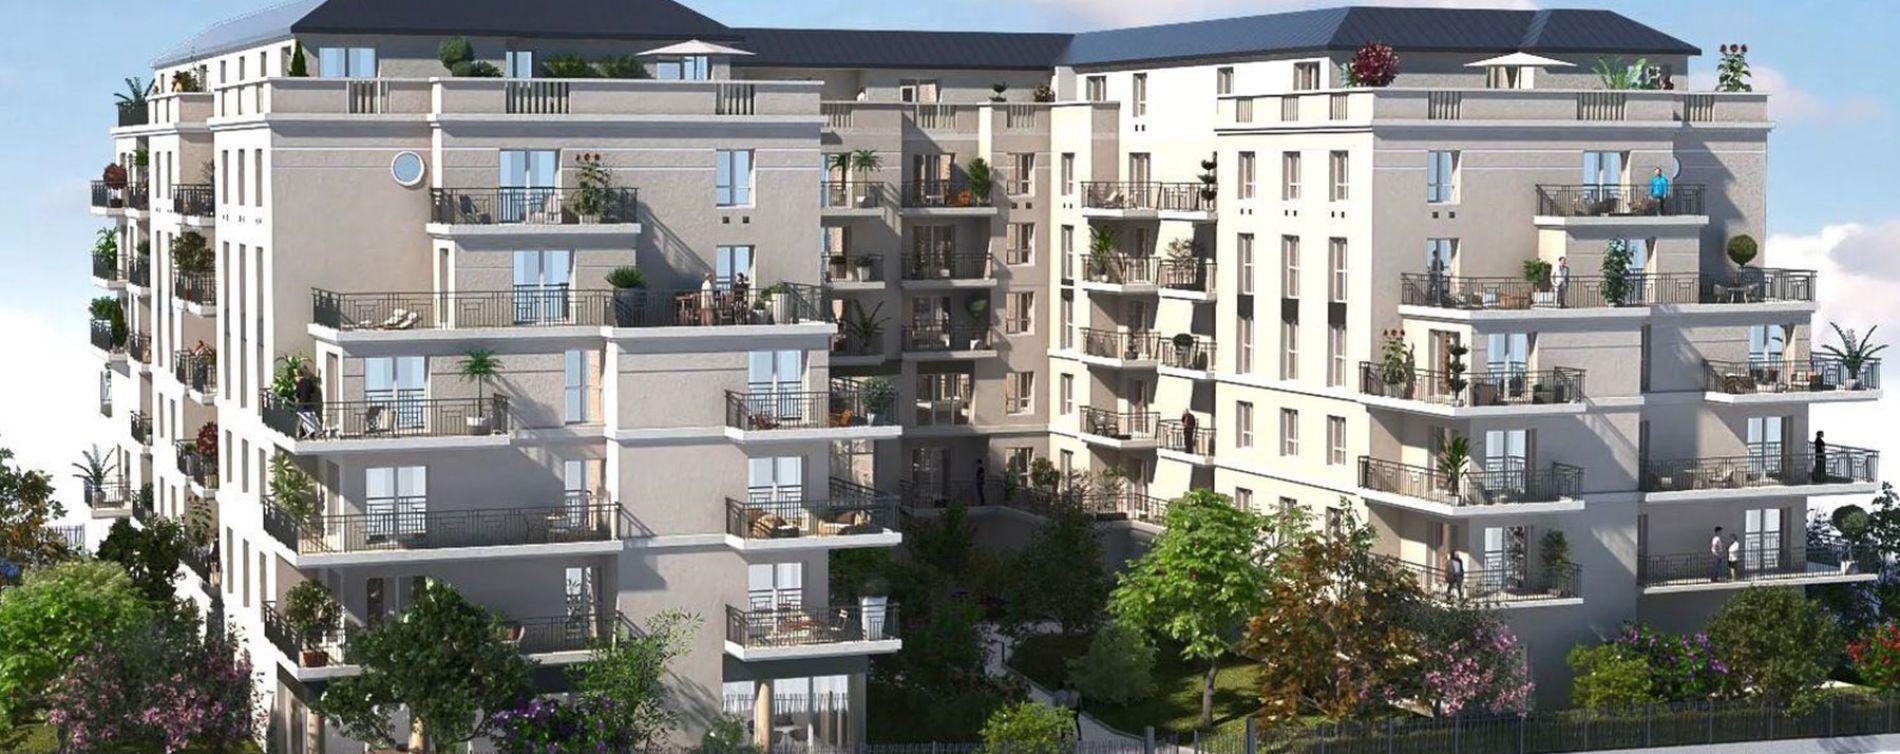 Argenteuil : programme immobilier neuve « Les Canotiers » (4)